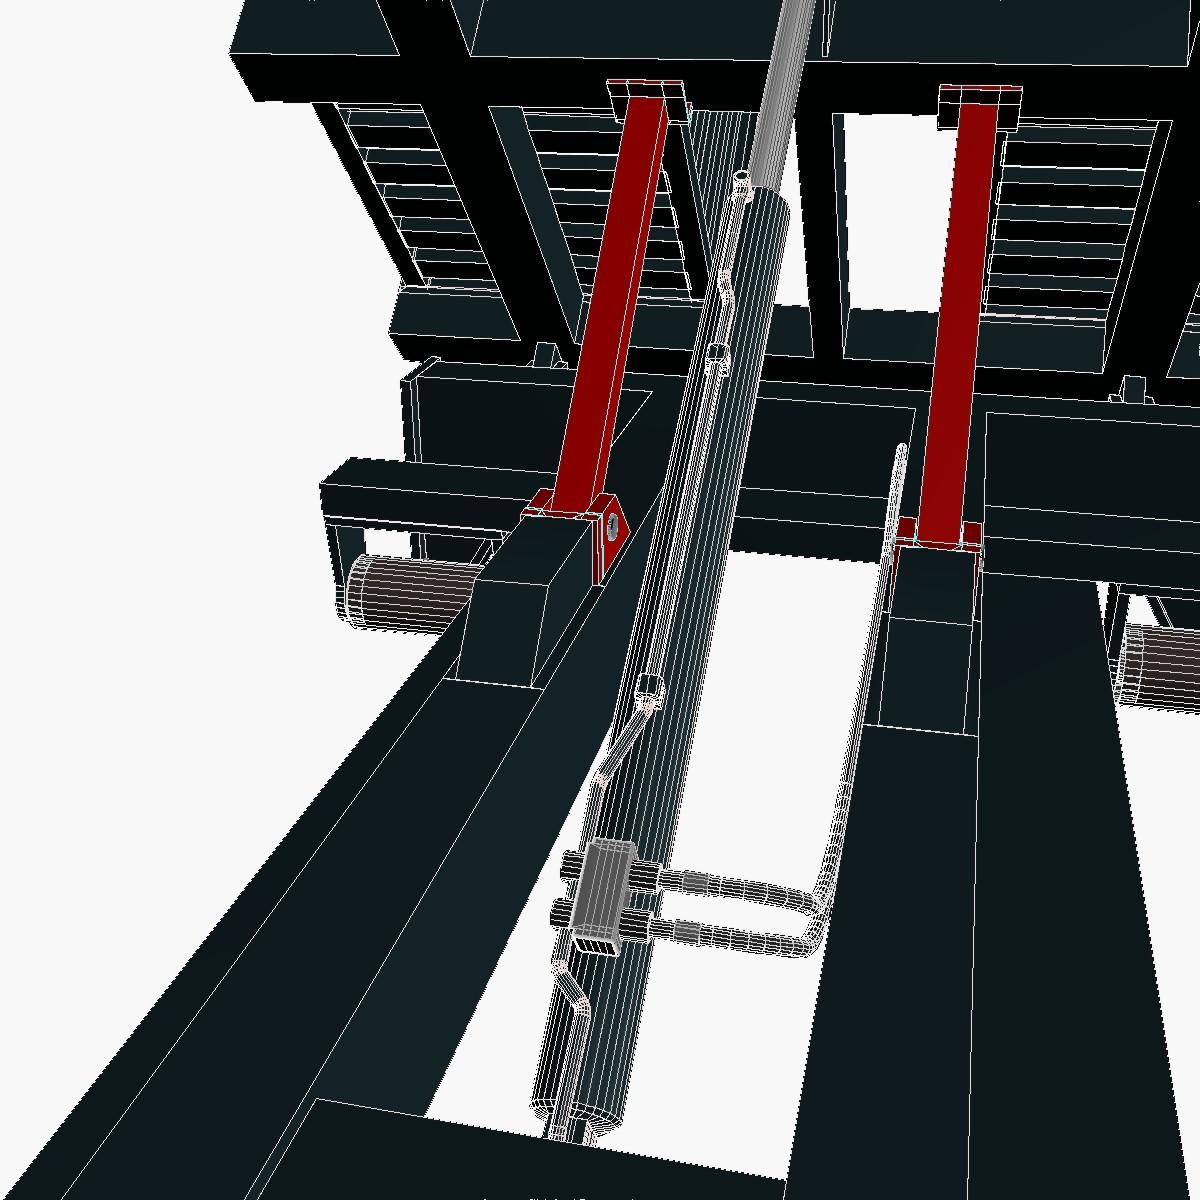 lora missile launcher 3d model 3ds dxf fbx blend cob dae x obj 217702